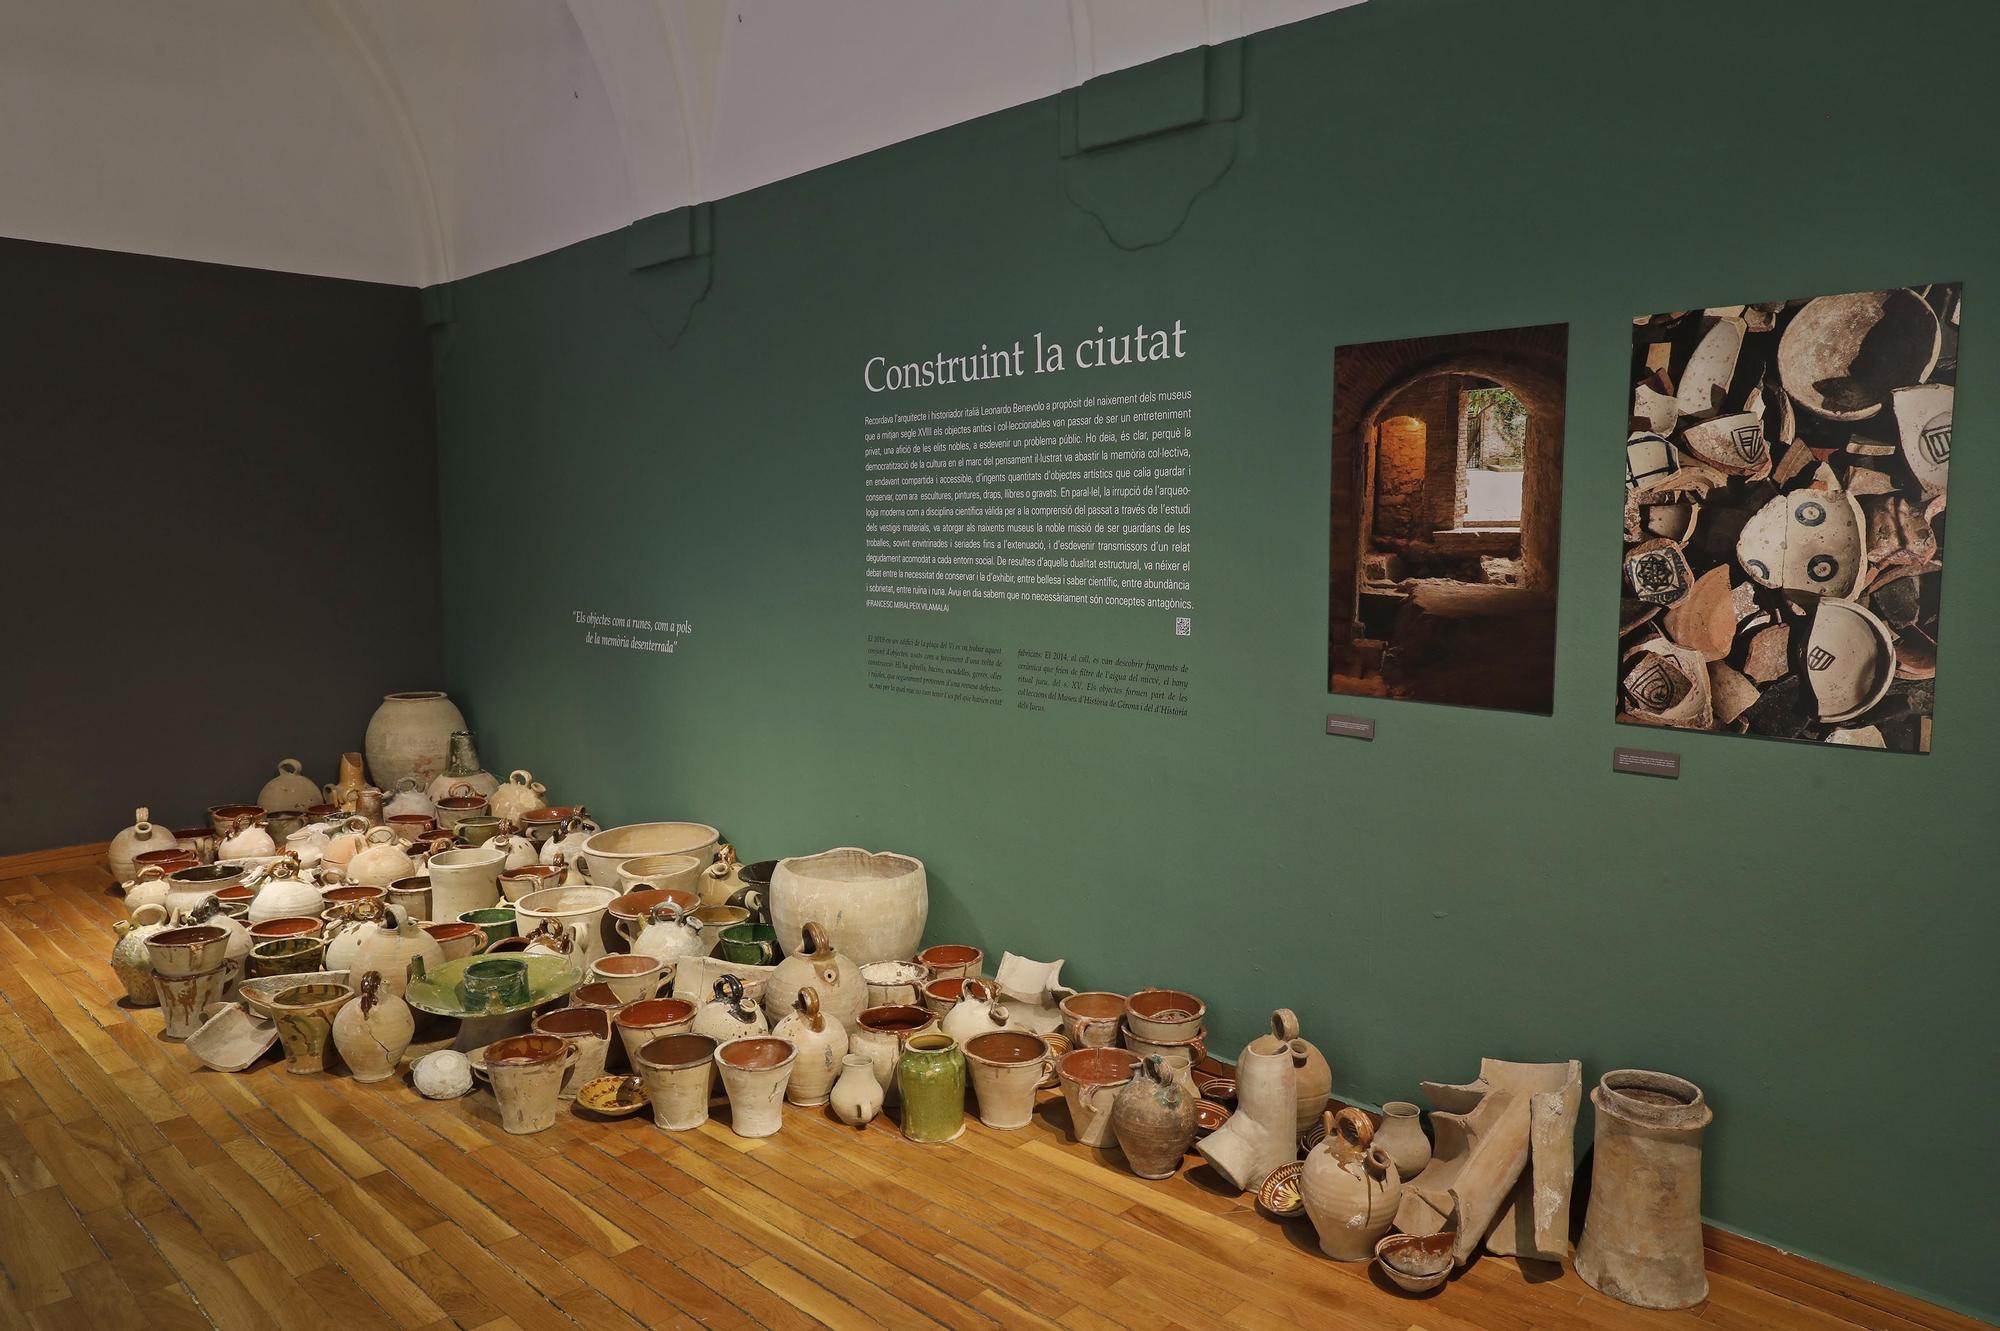 L'exposició «Les coses que foren» reescriu la història quotidiana a partir d'objectes